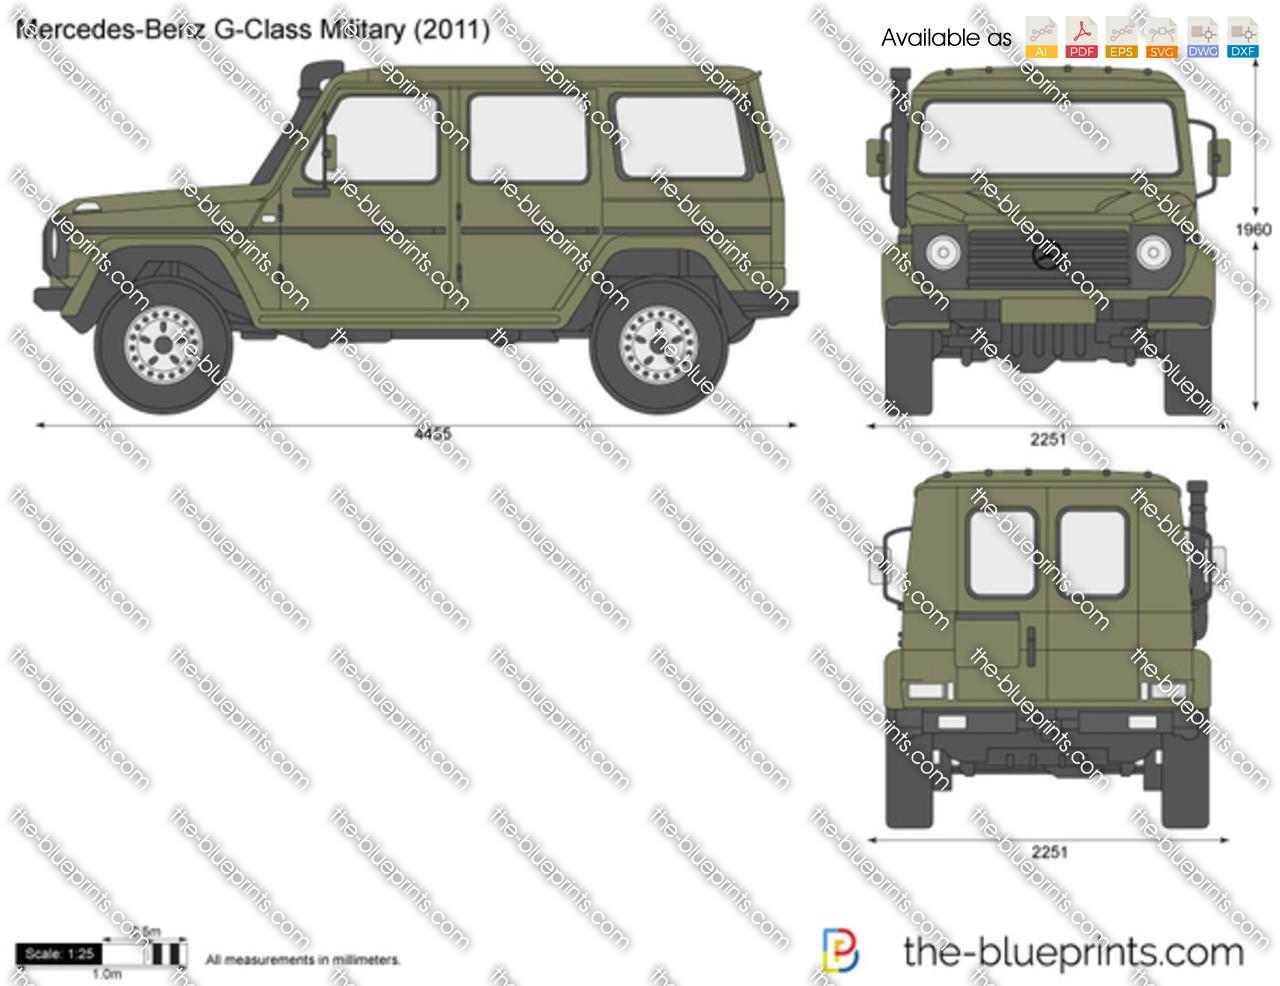 Mercedes-Benz G-Class Military 461 1991